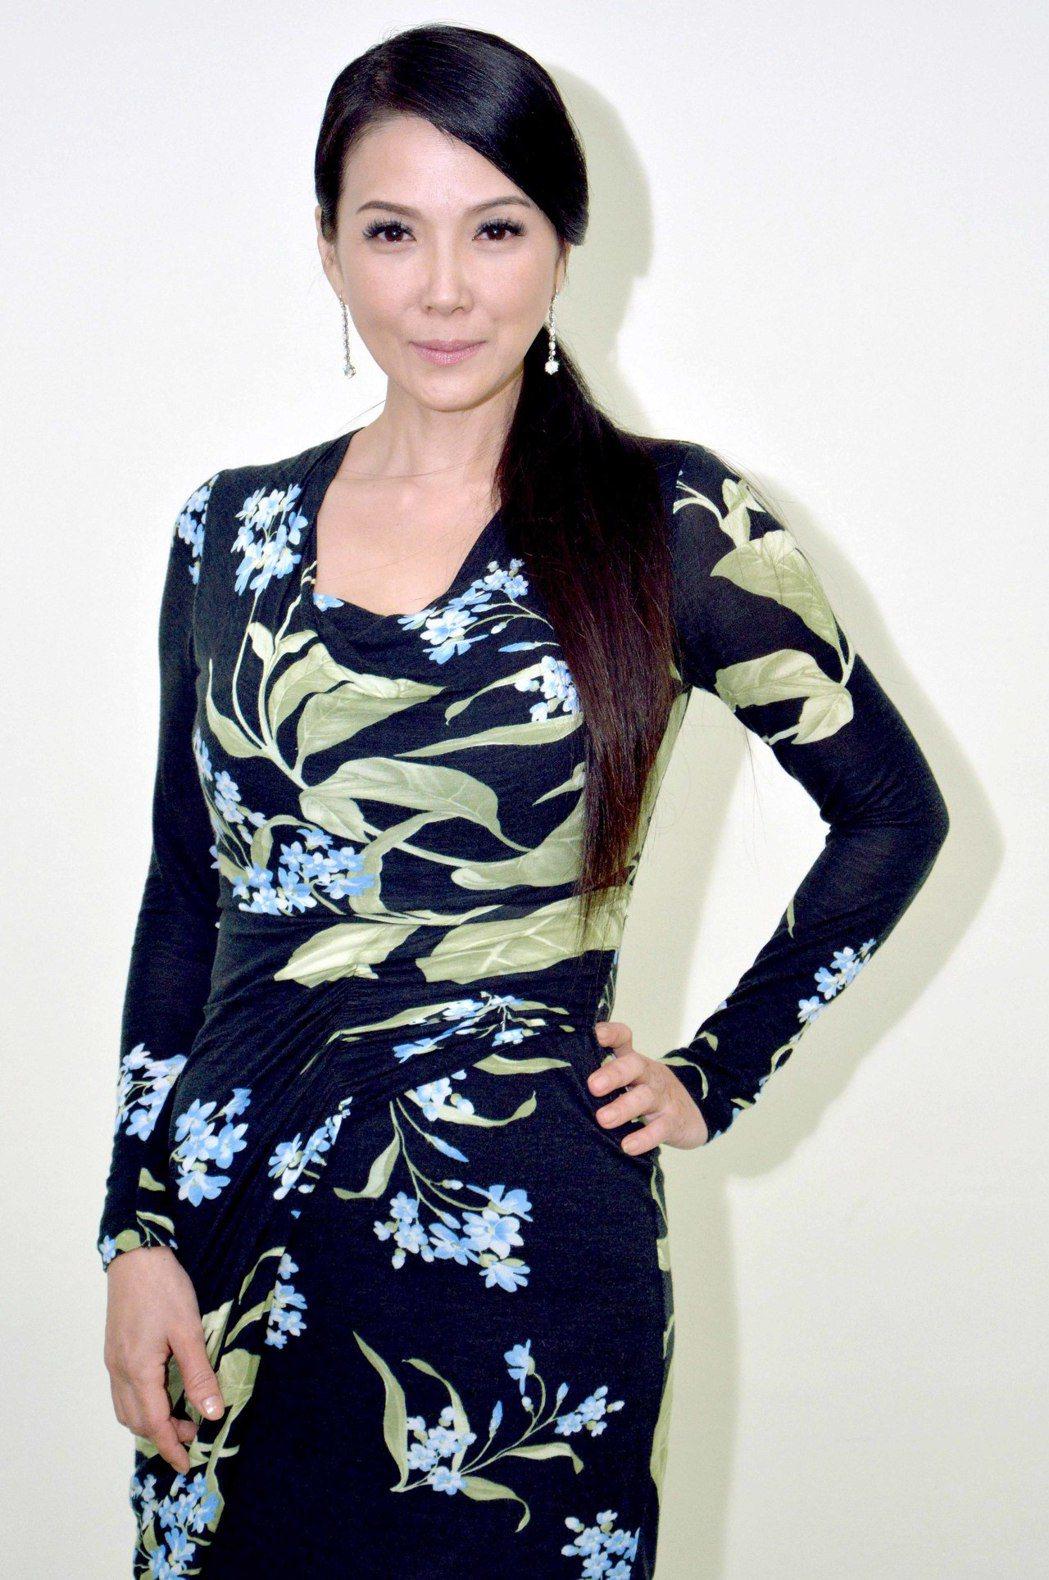 丁國琳加入8點檔「春風愛河邊」演出。圖/華視提供